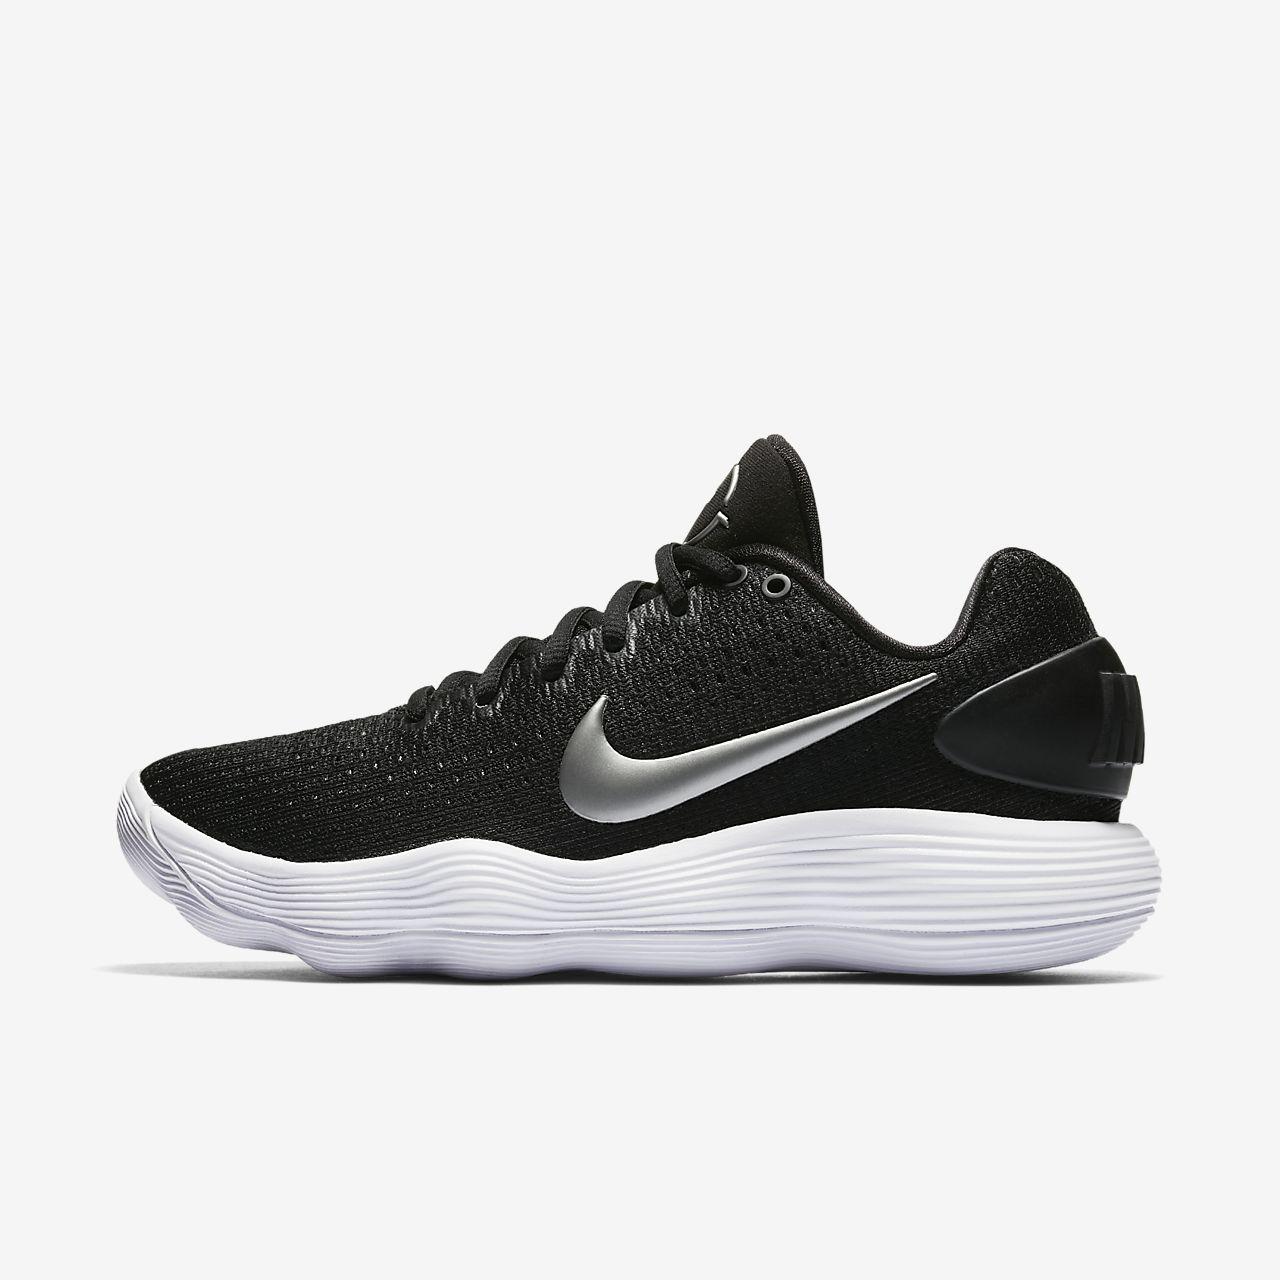 Nike Chaussures  Hyperdunk '17 Low Noir H noir - Livraison Gratuite avec - Chaussures Baskets basses Homme